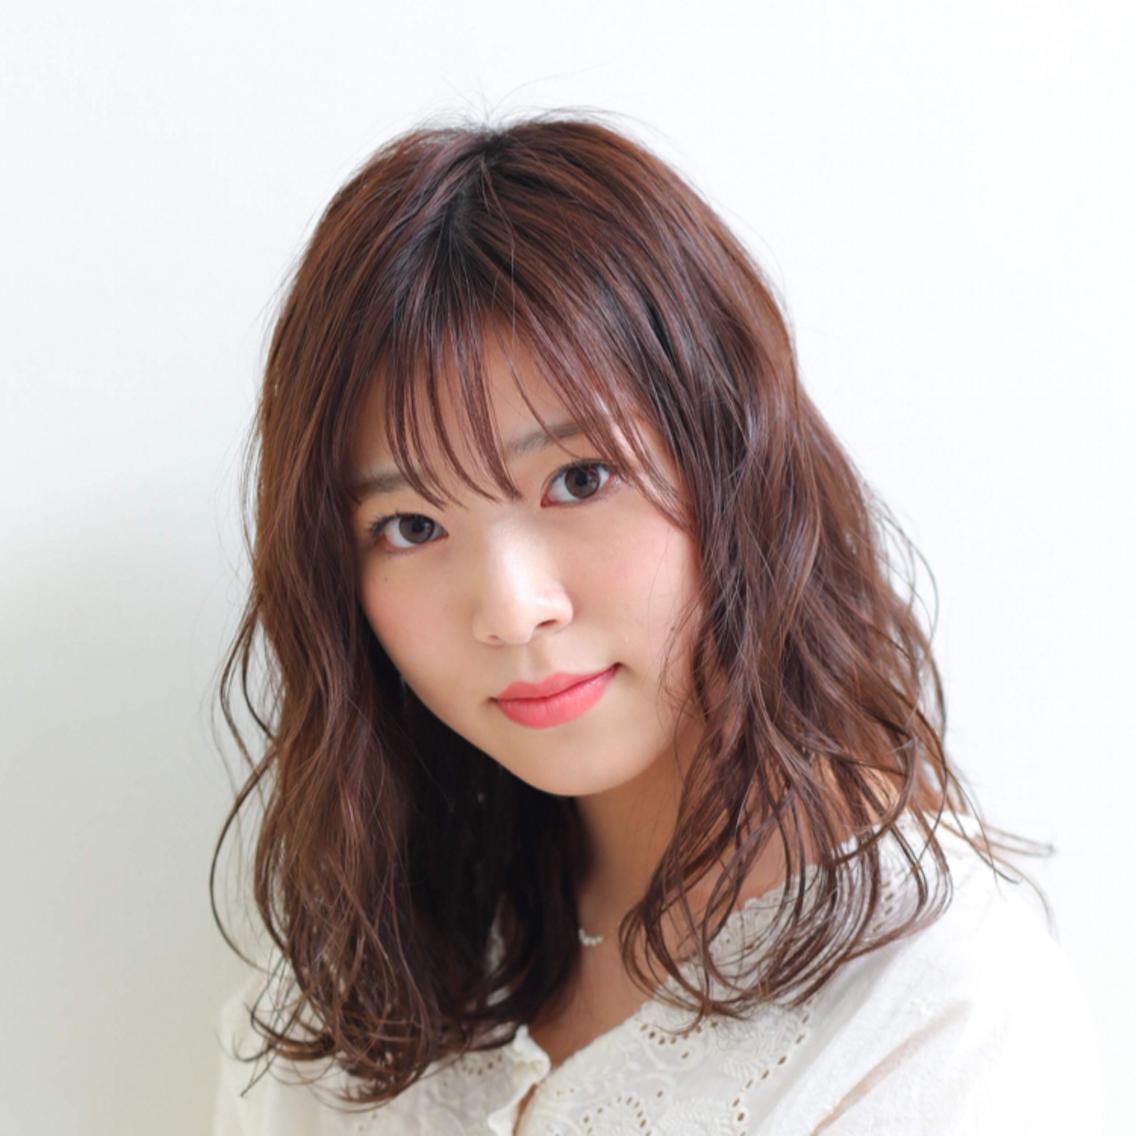 AMAZING HAIR 美沢店所属・五十嵐 萌香の掲載